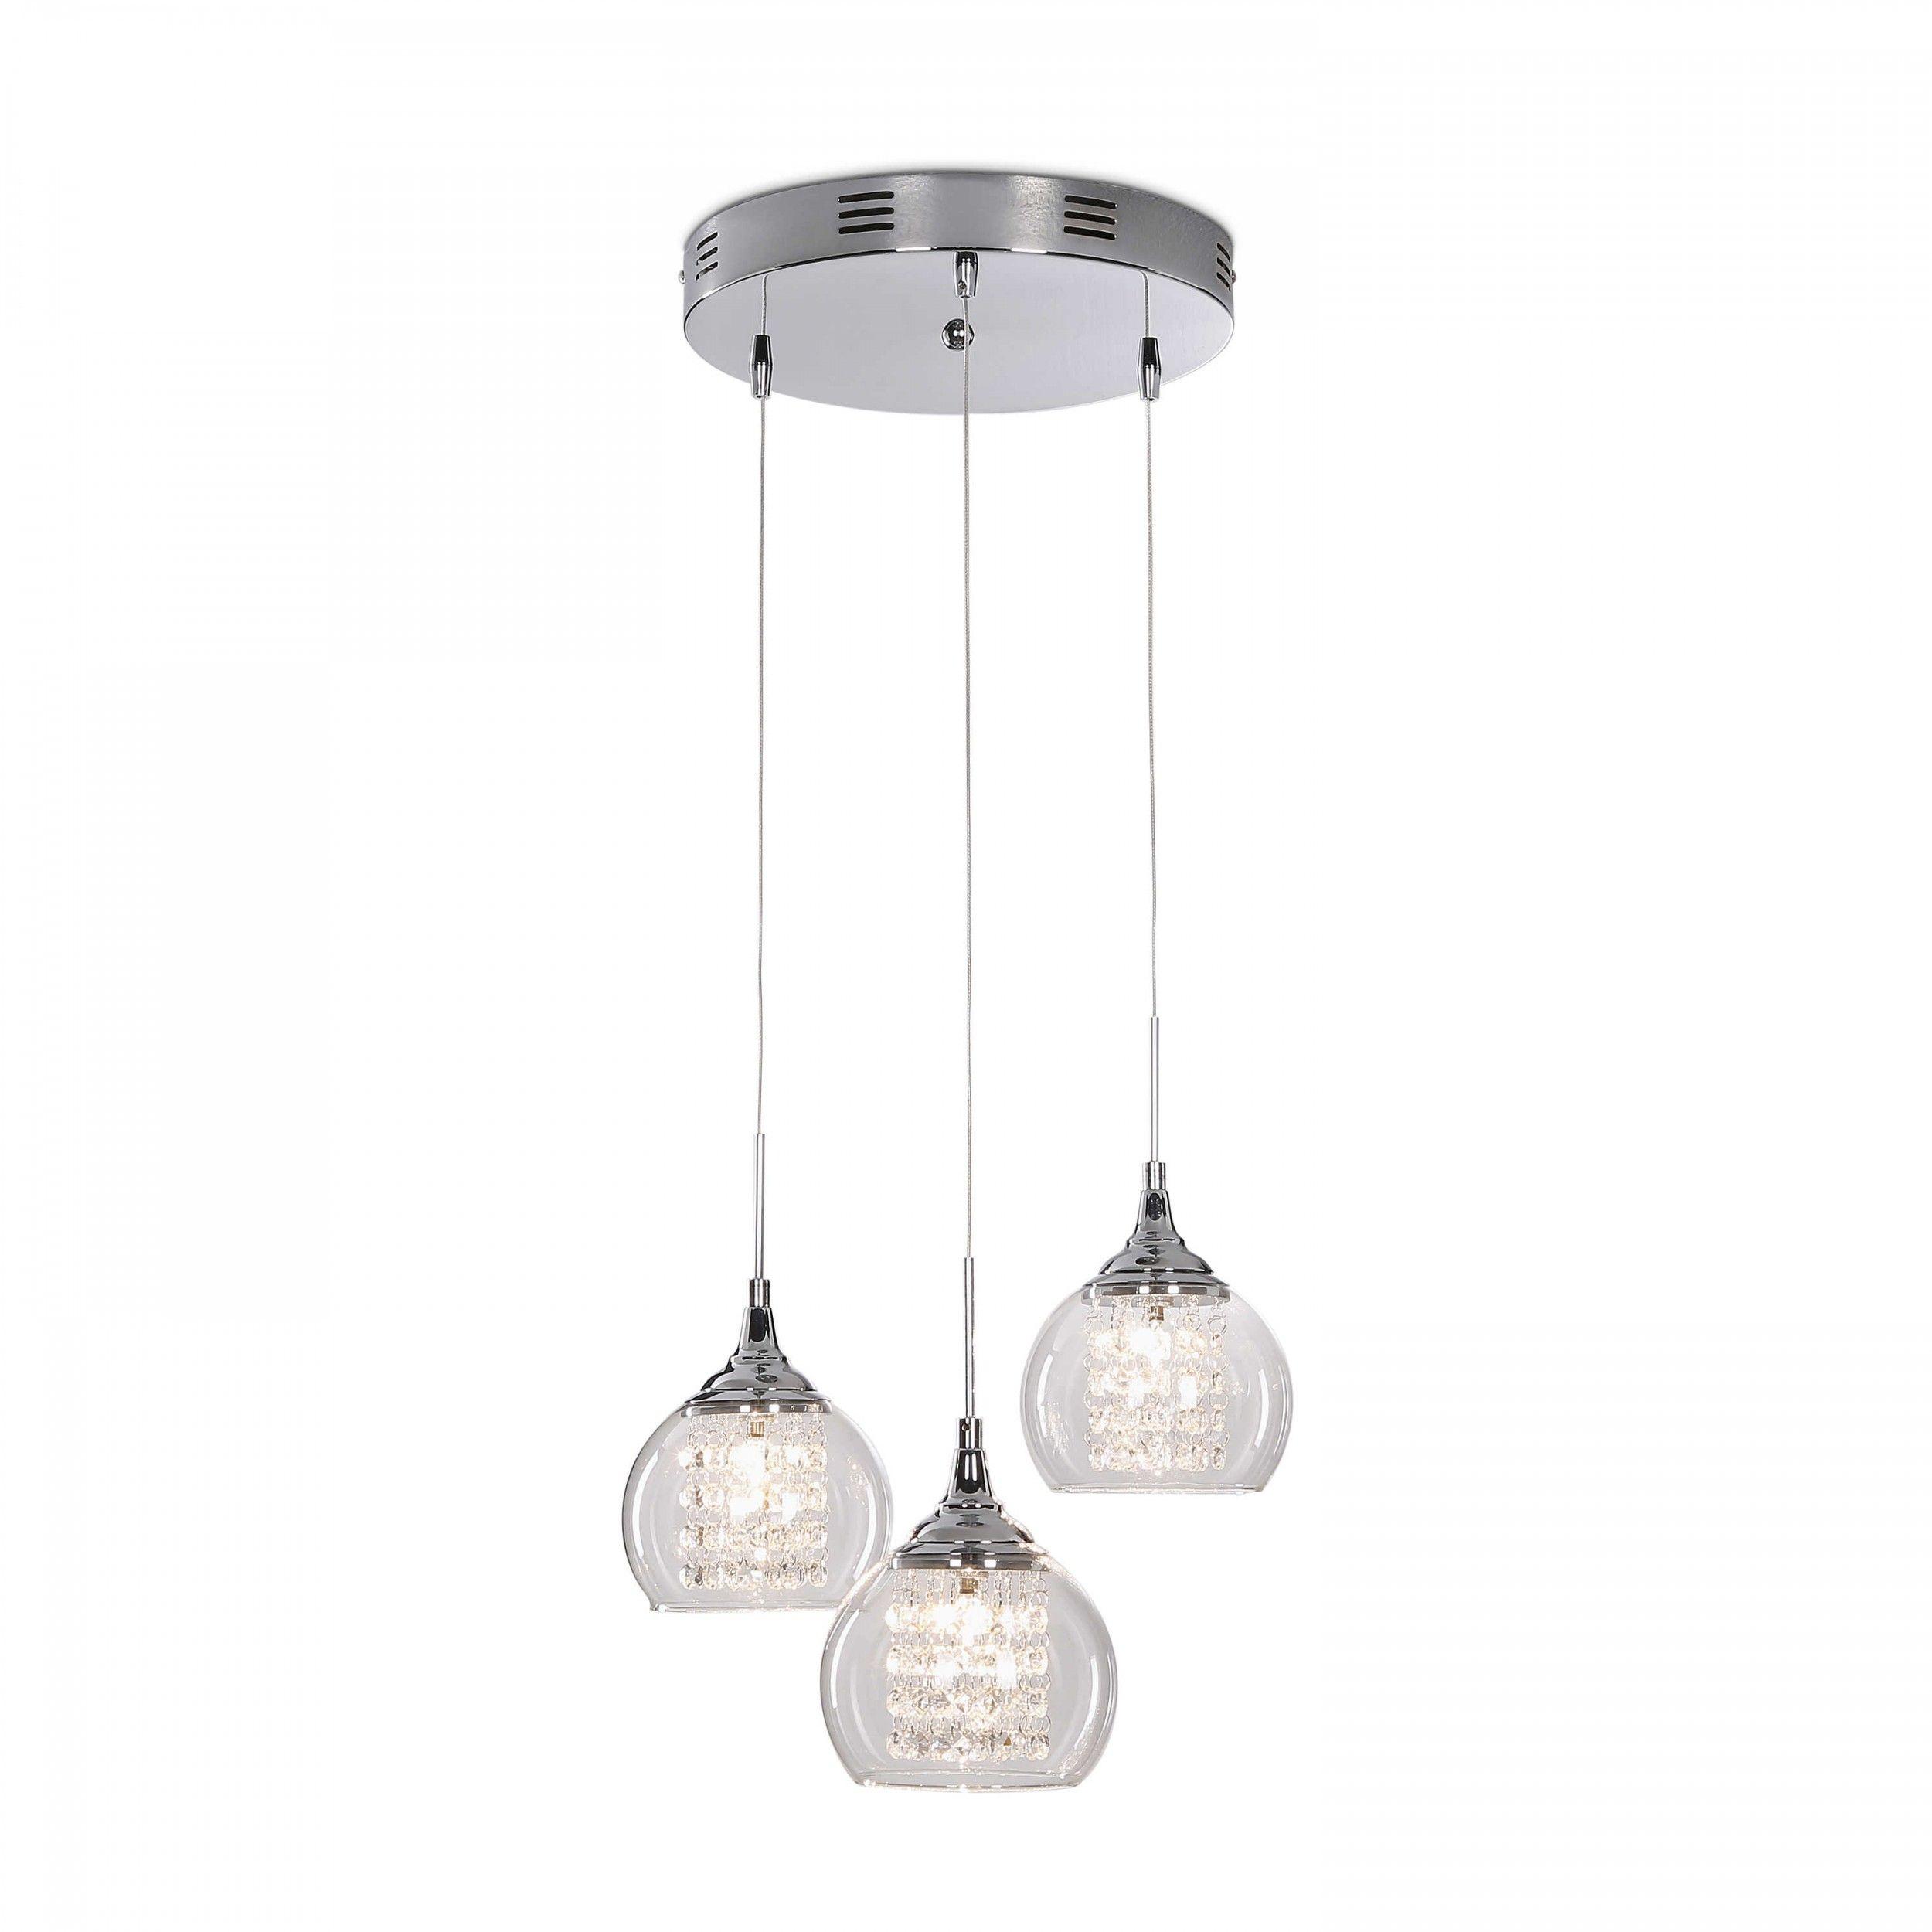 fantastische inspiration lampenschirm beton höchst images der ecdcdcdecfeb